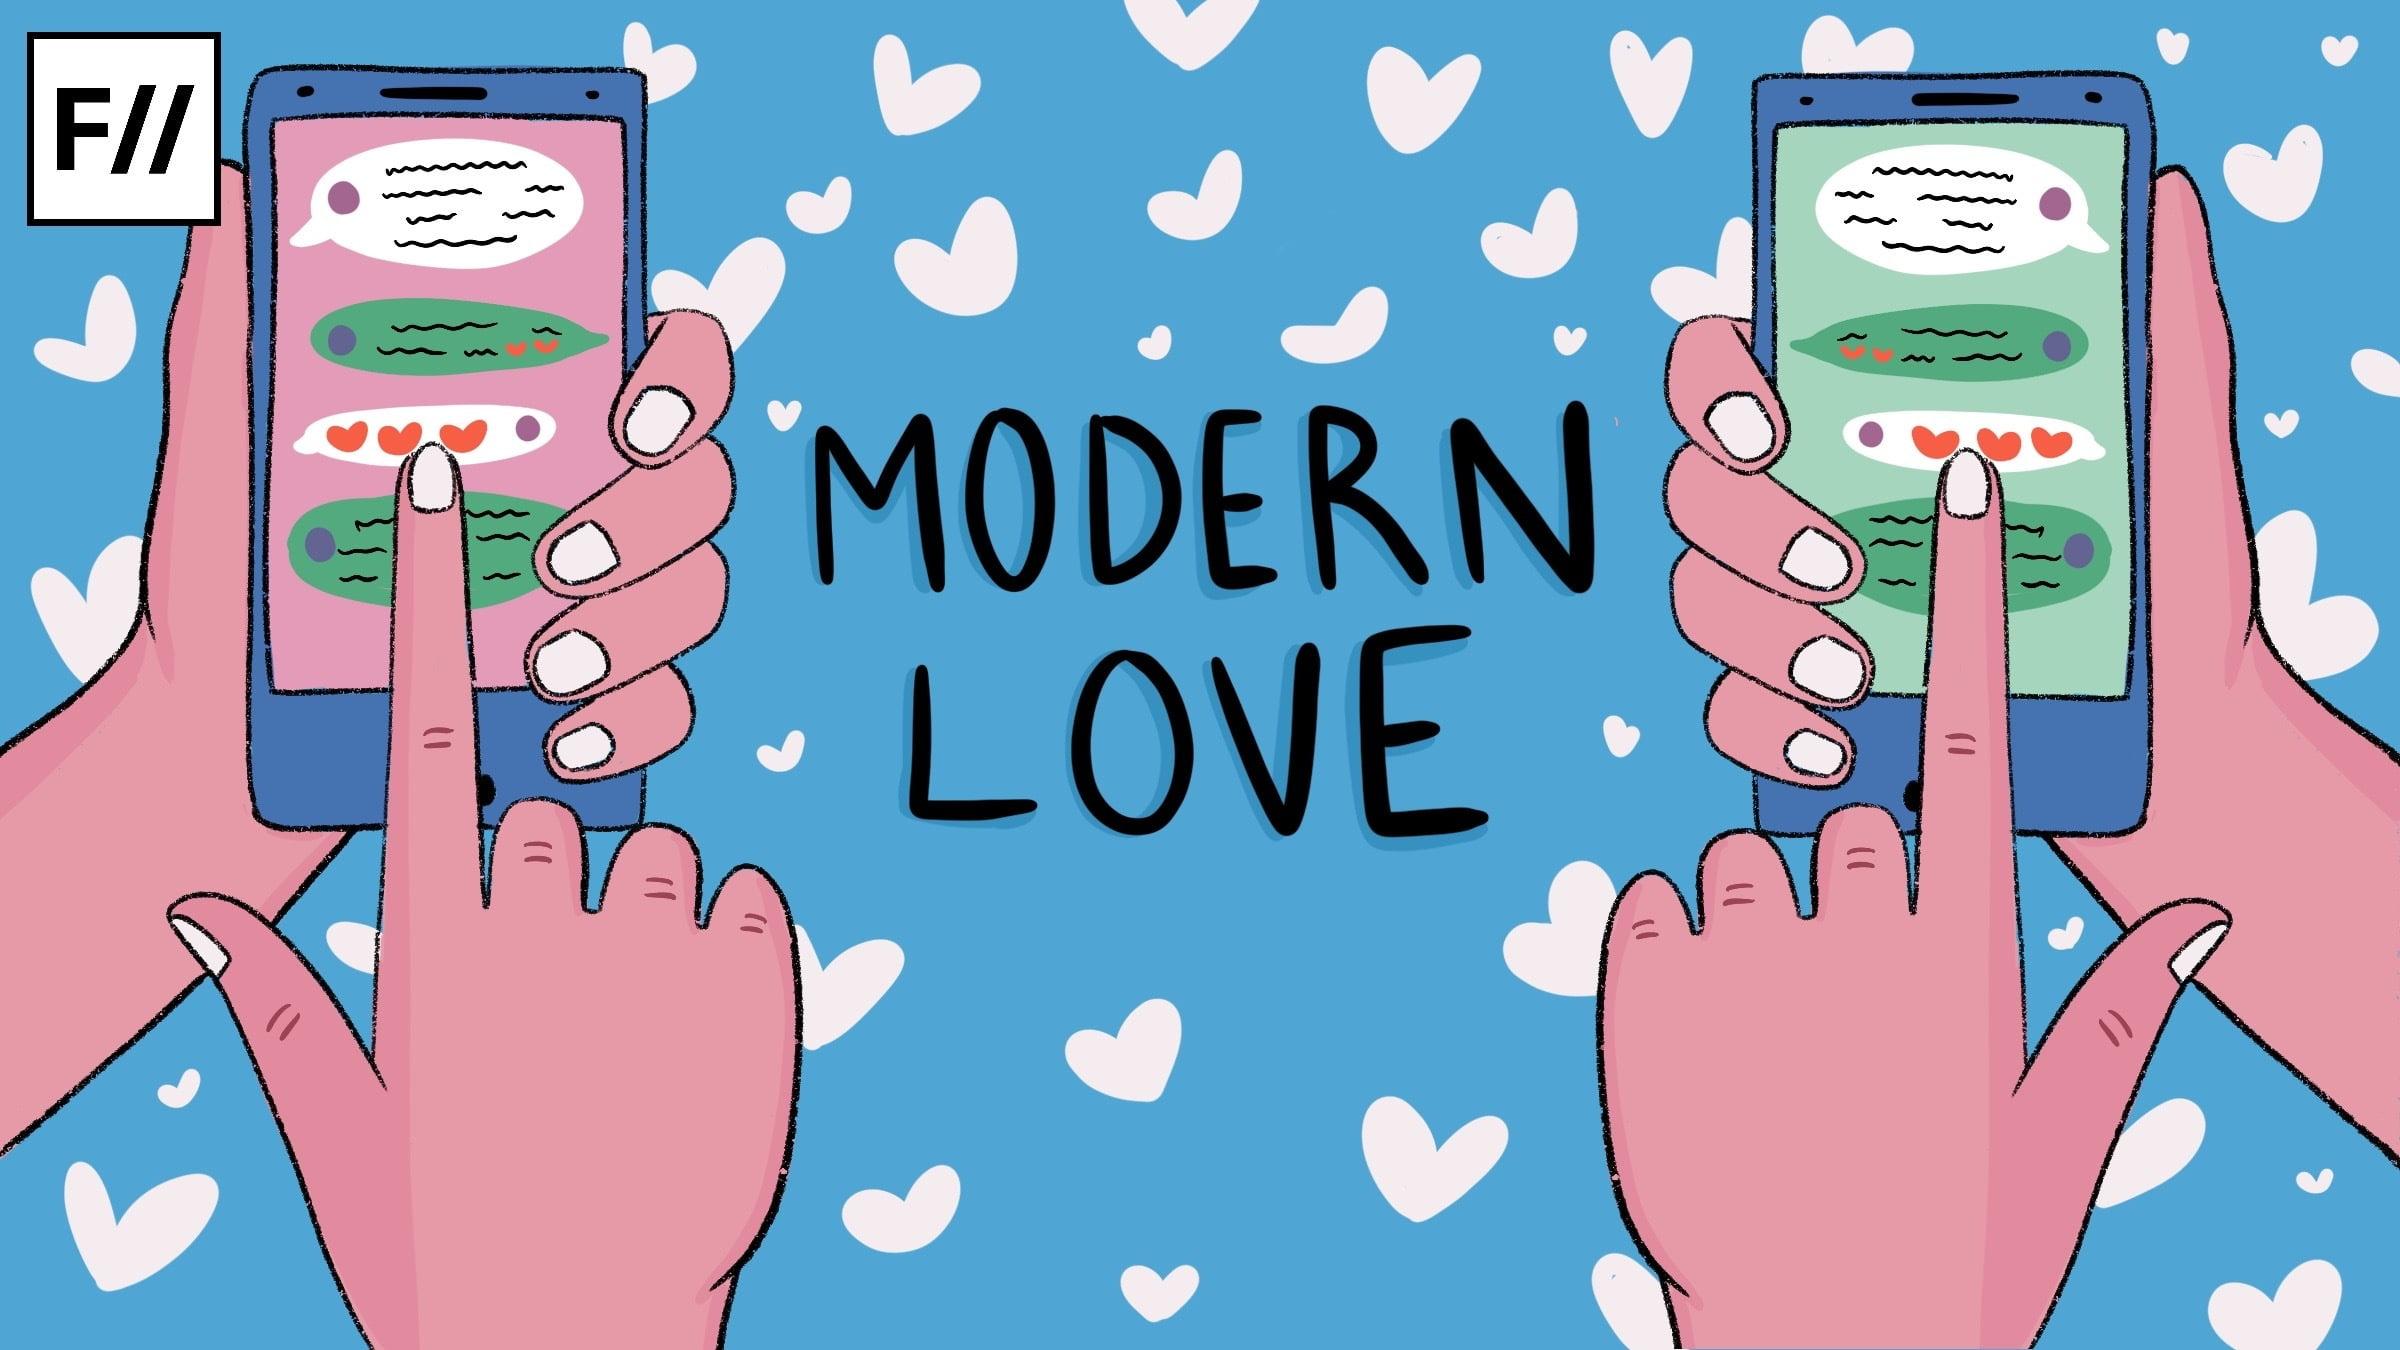 भारतीय समाज में आधुनिक प्यार अभी भी एक 'कलंक' क्यों है?